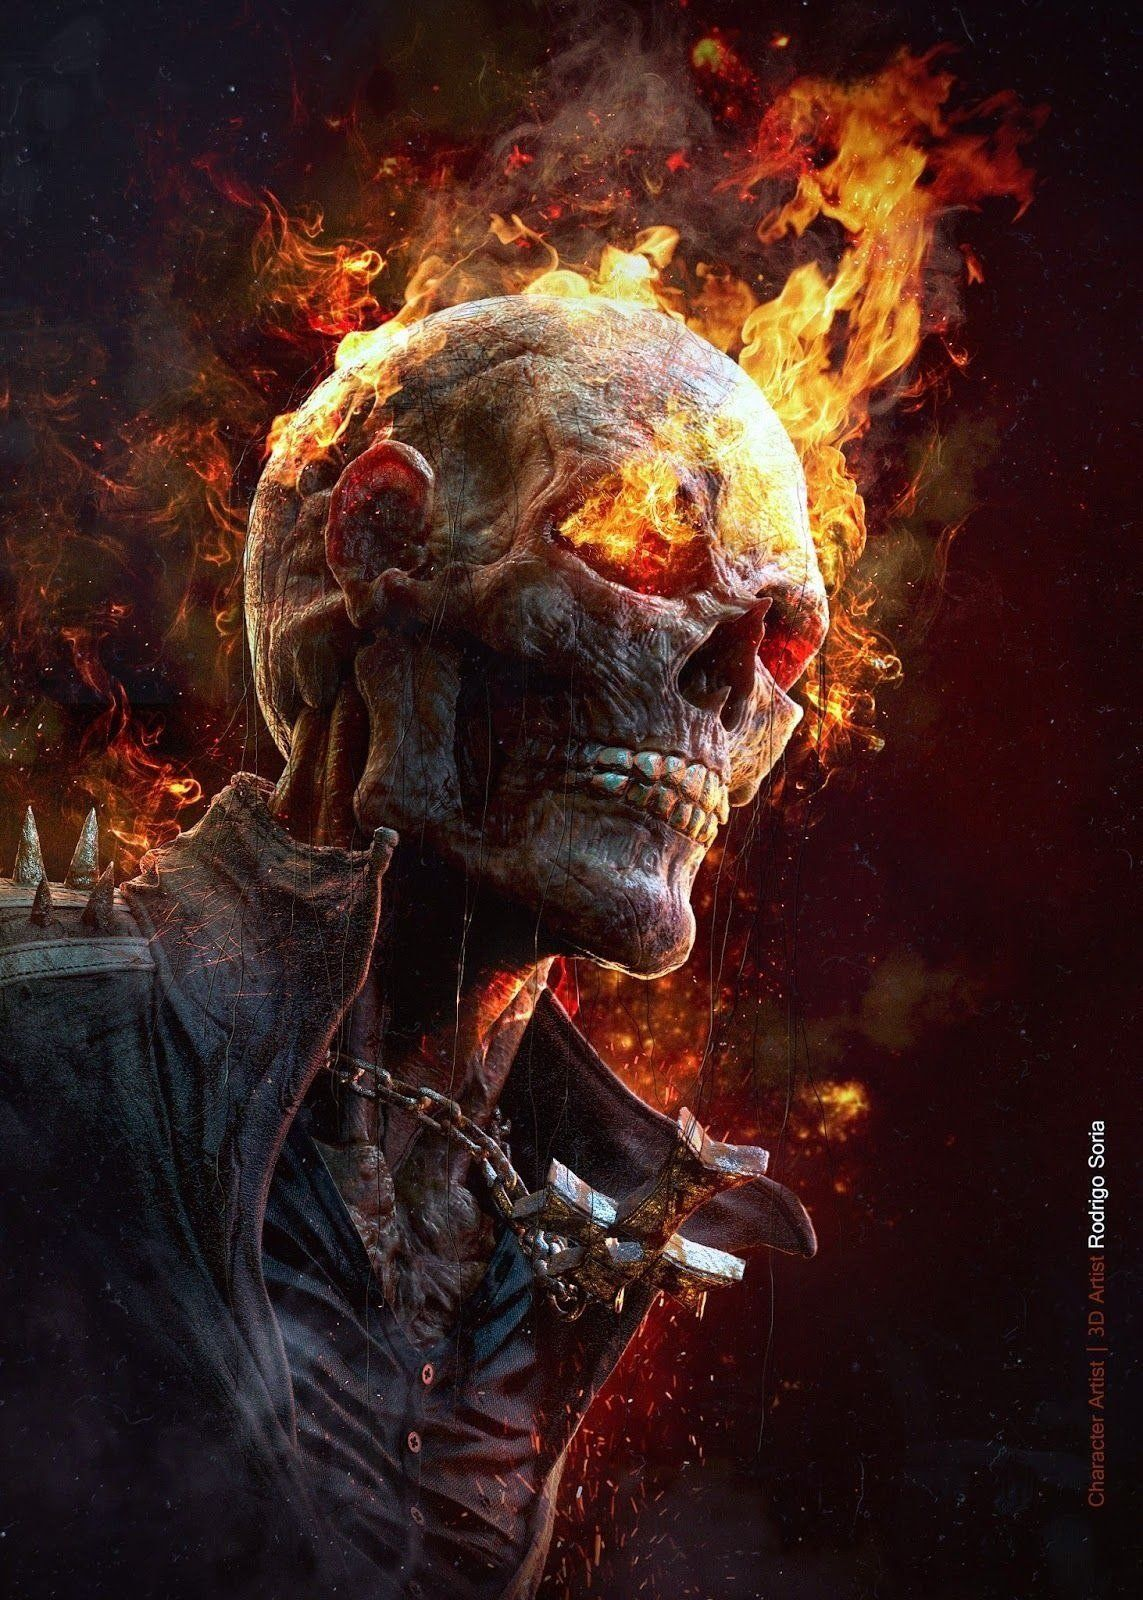 Brutales Ilustraciones De Ghost Rider El Motorista Fantasma